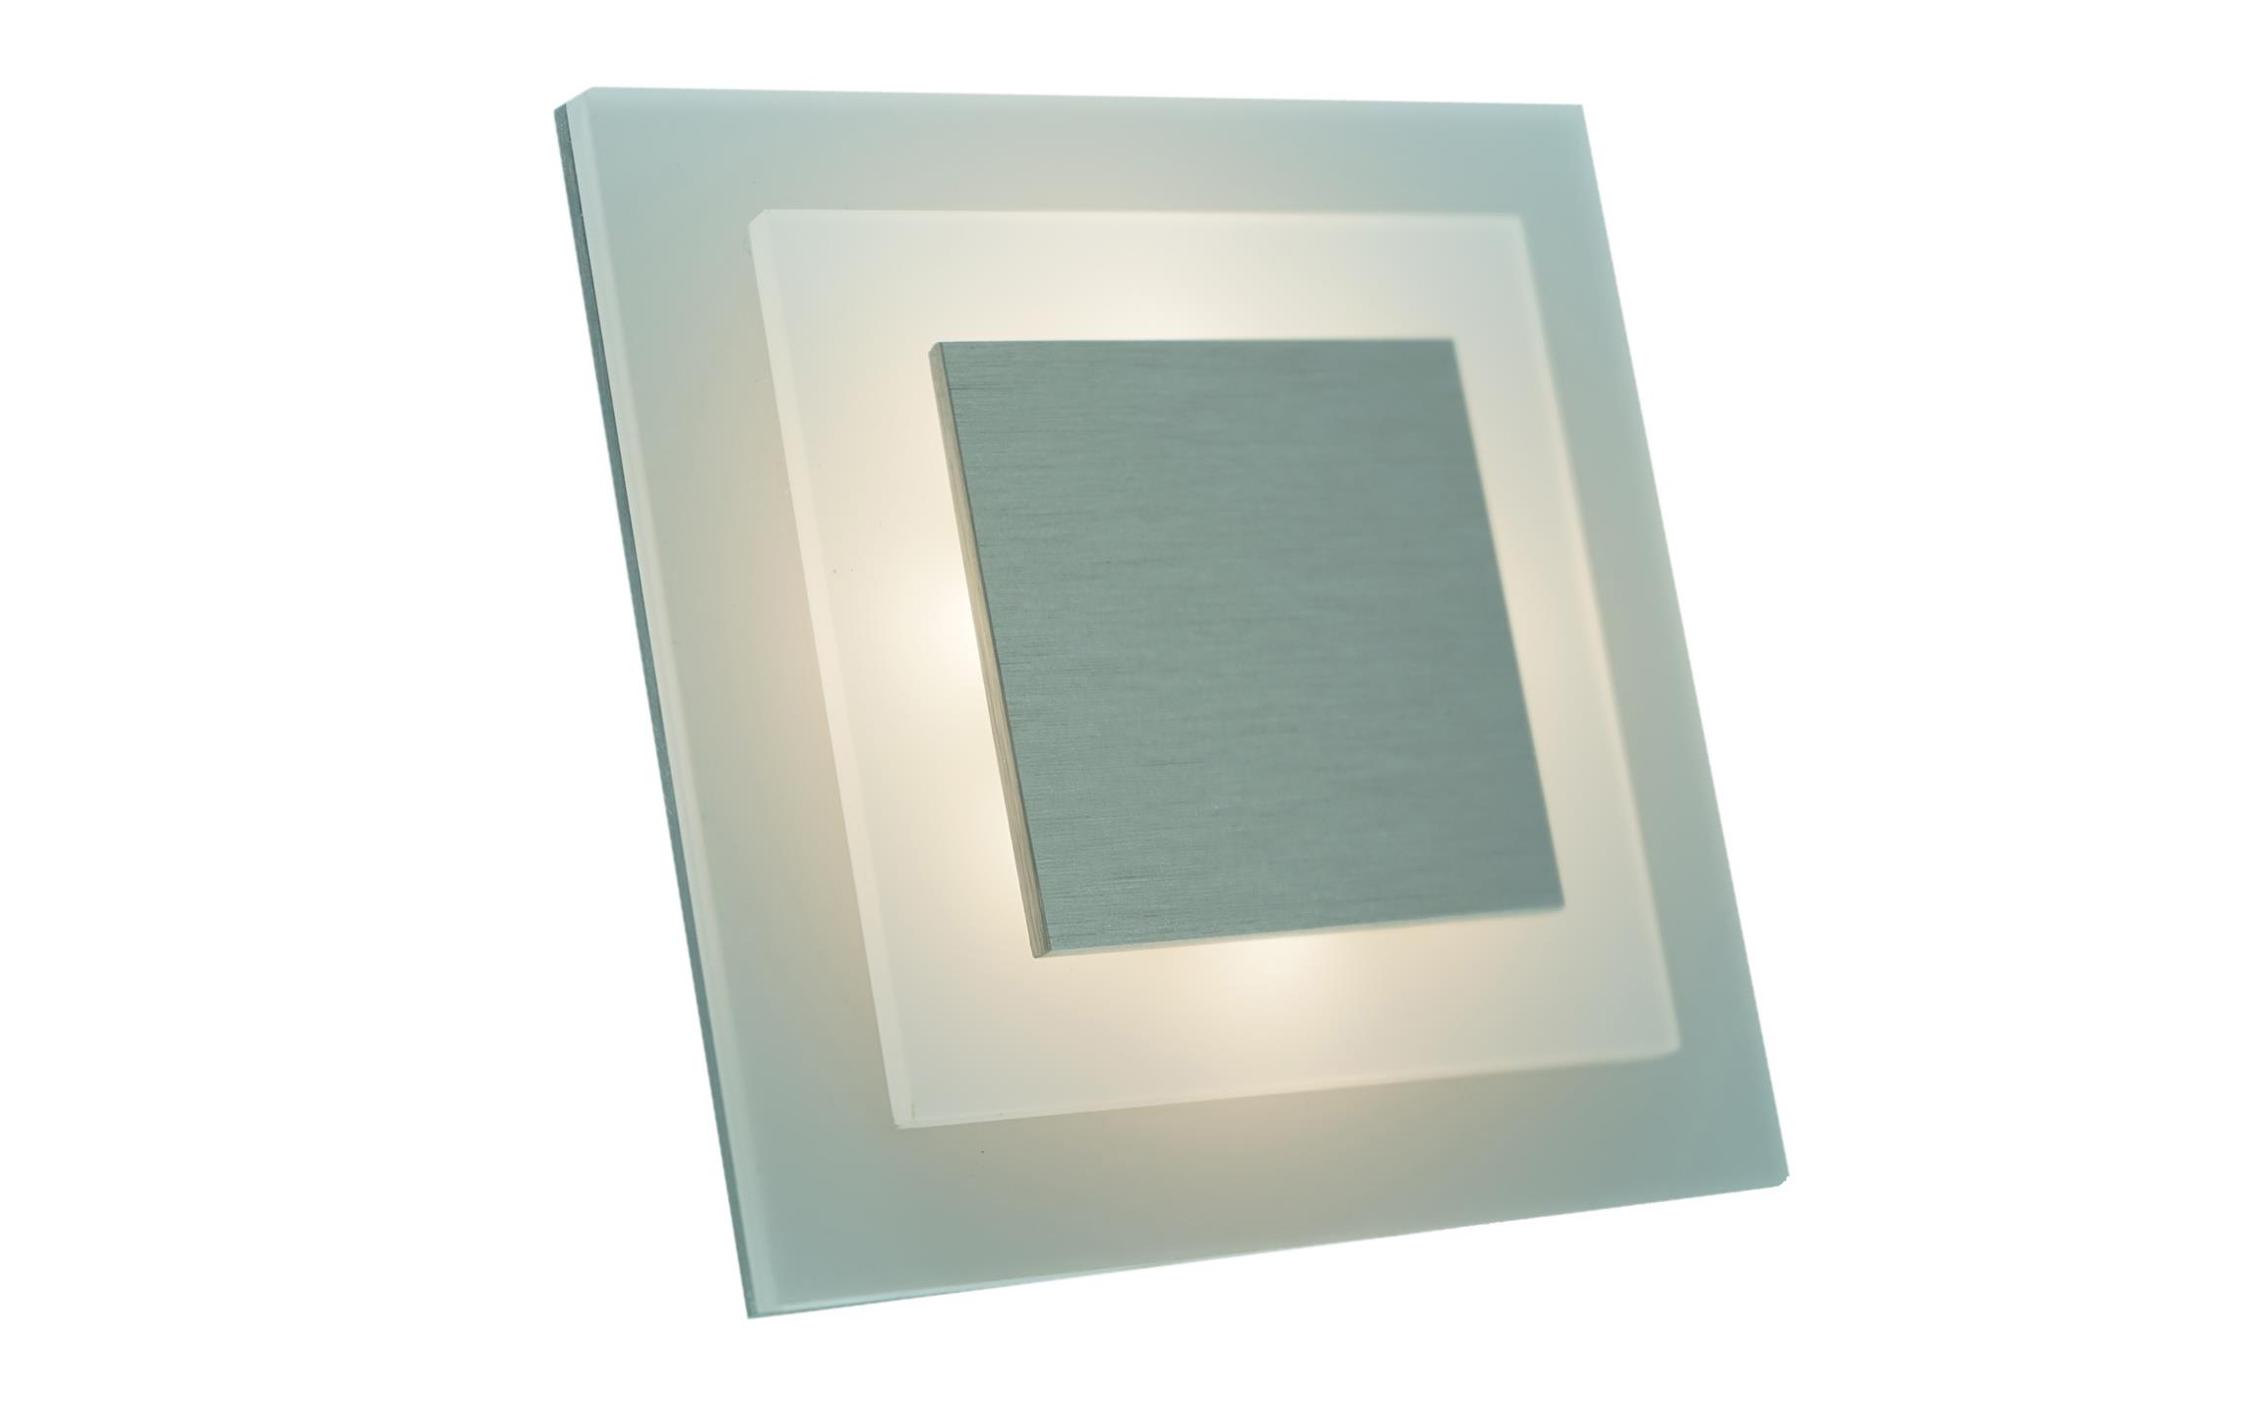 Oświetlenie Schodowe Led 230v Schody Wnętrza Biur